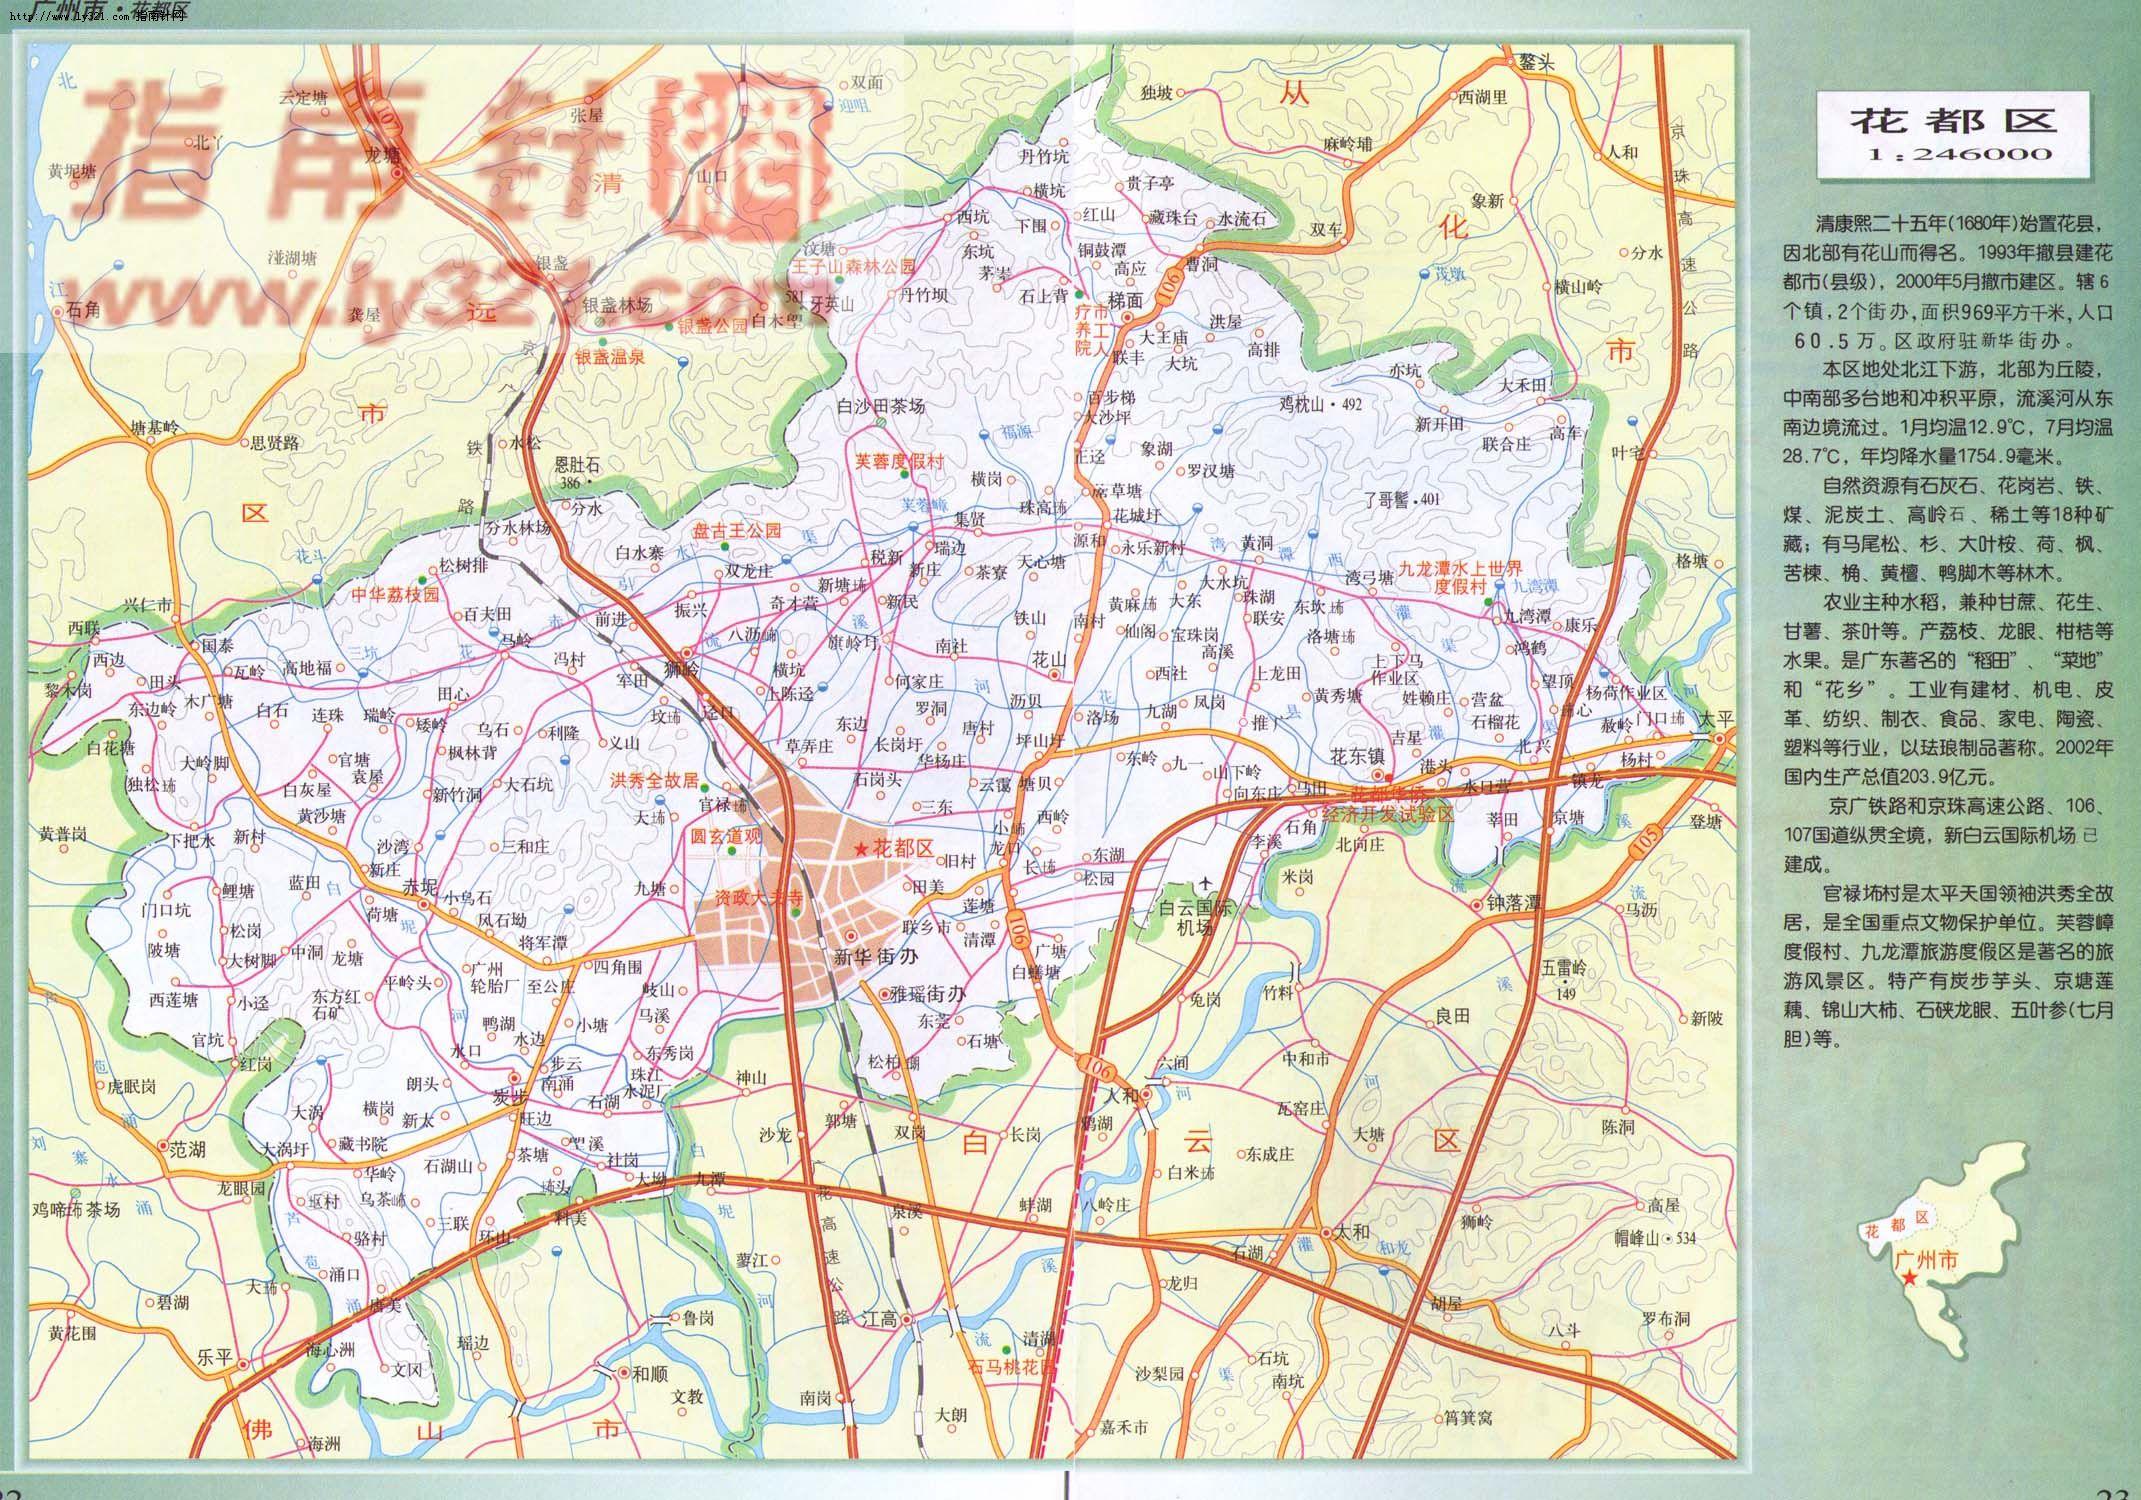 广东省广州市花都市地图_广州市旅游景点地图查询